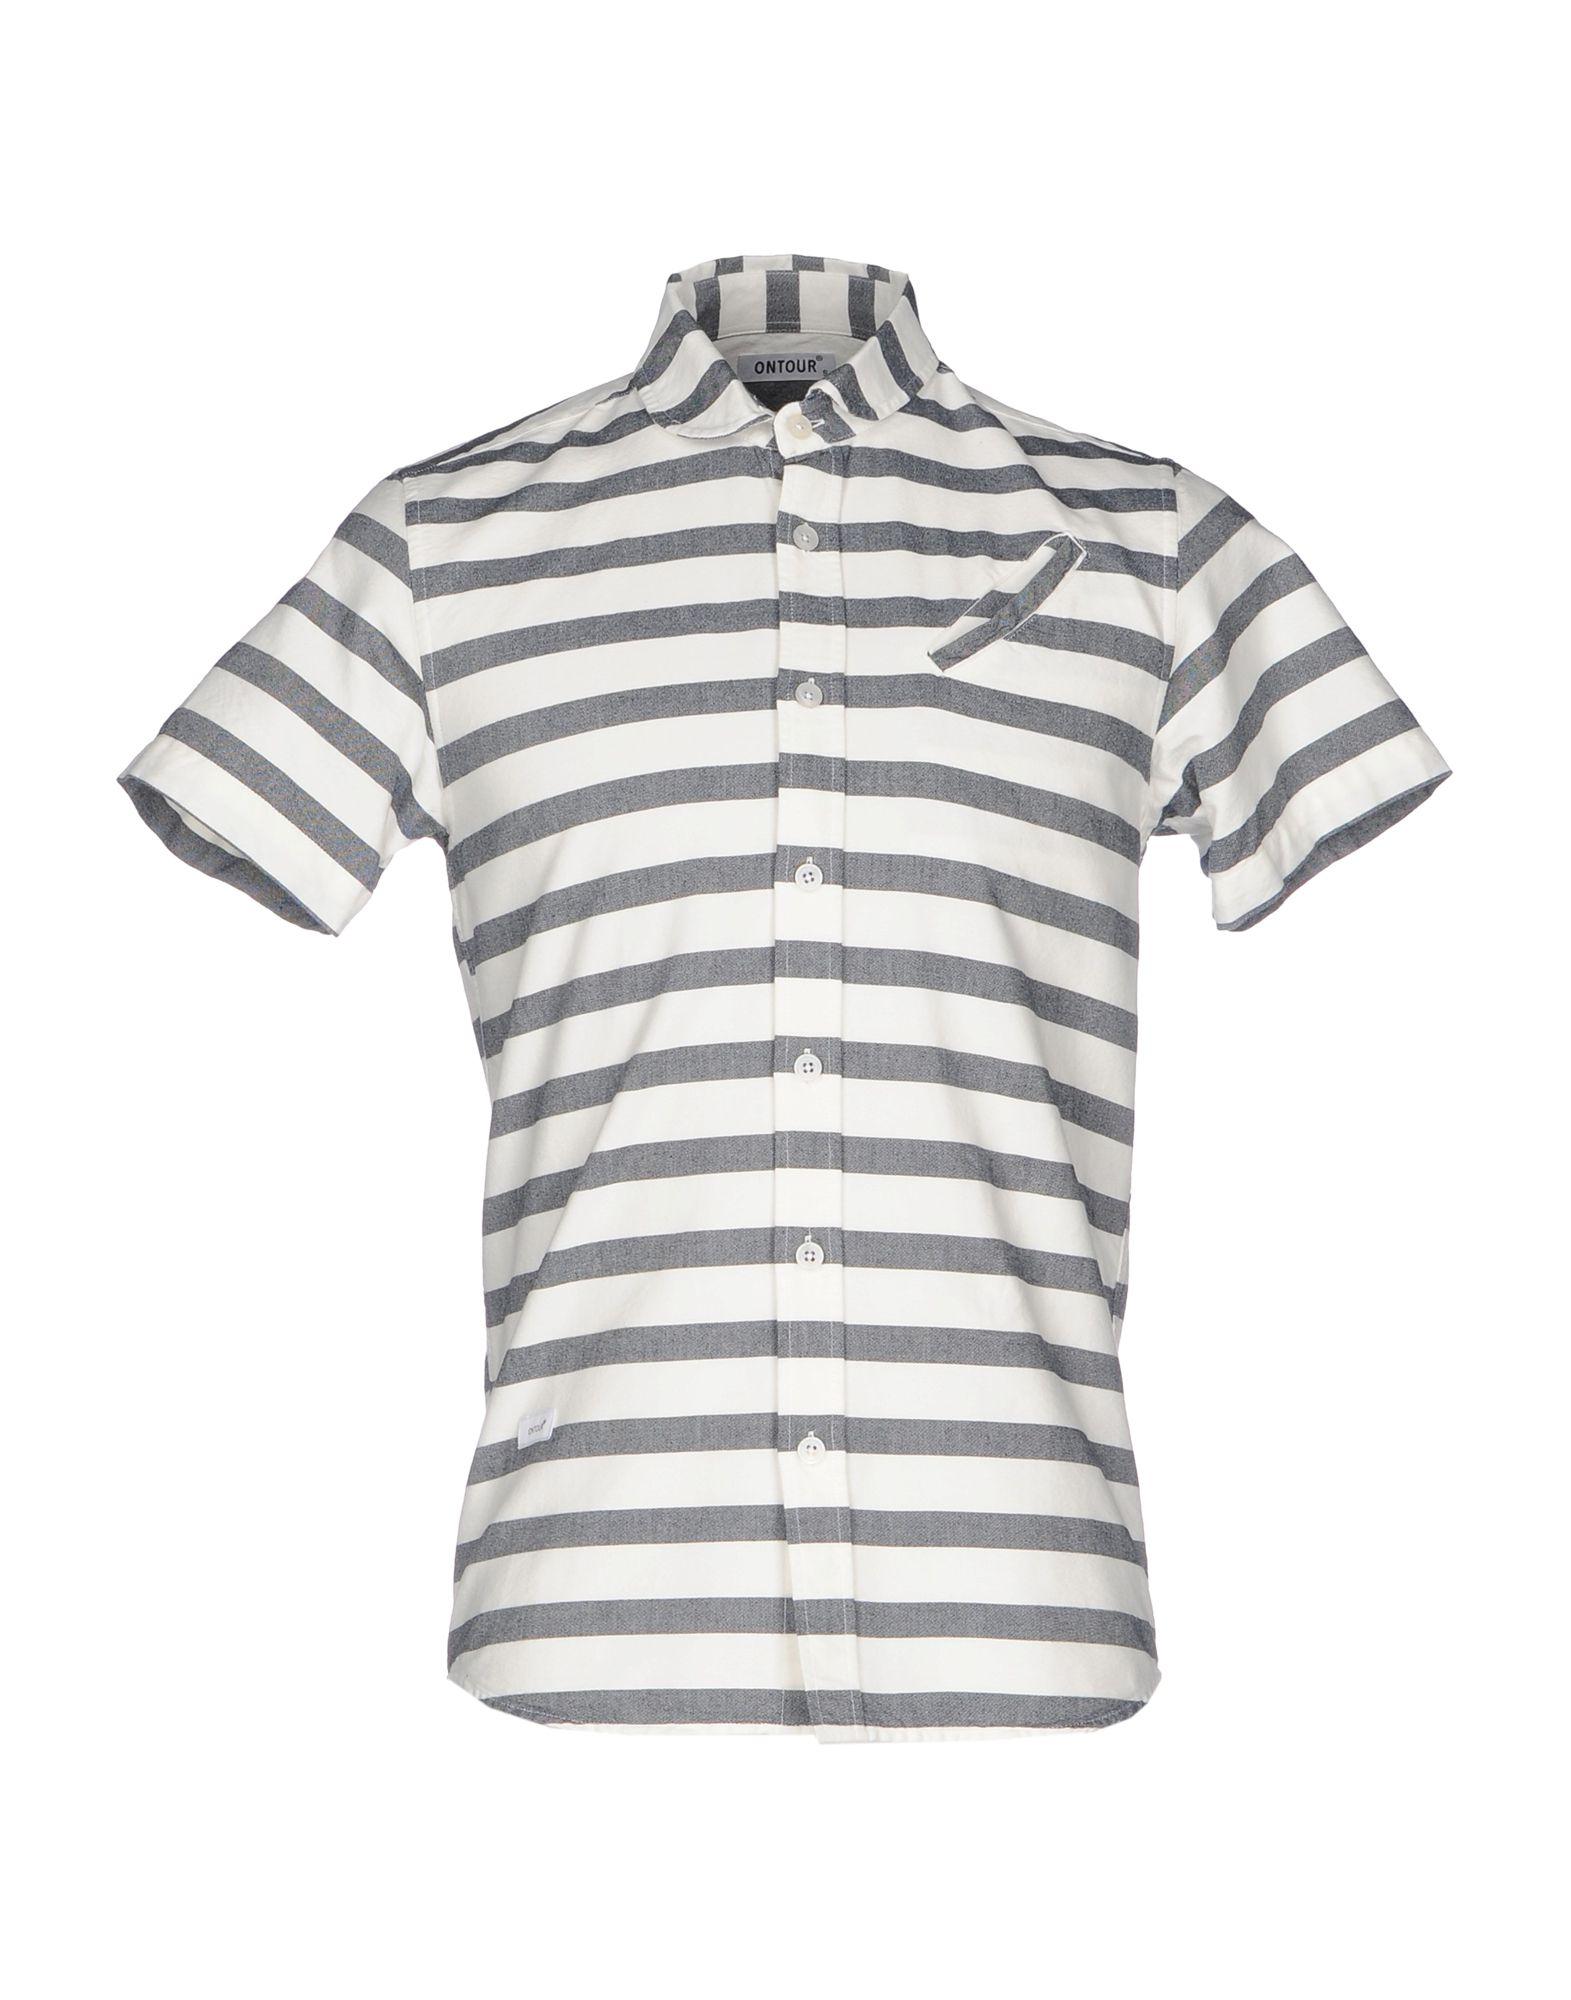 《送料無料》ONTOUR メンズ シャツ アイボリー S コットン 100%